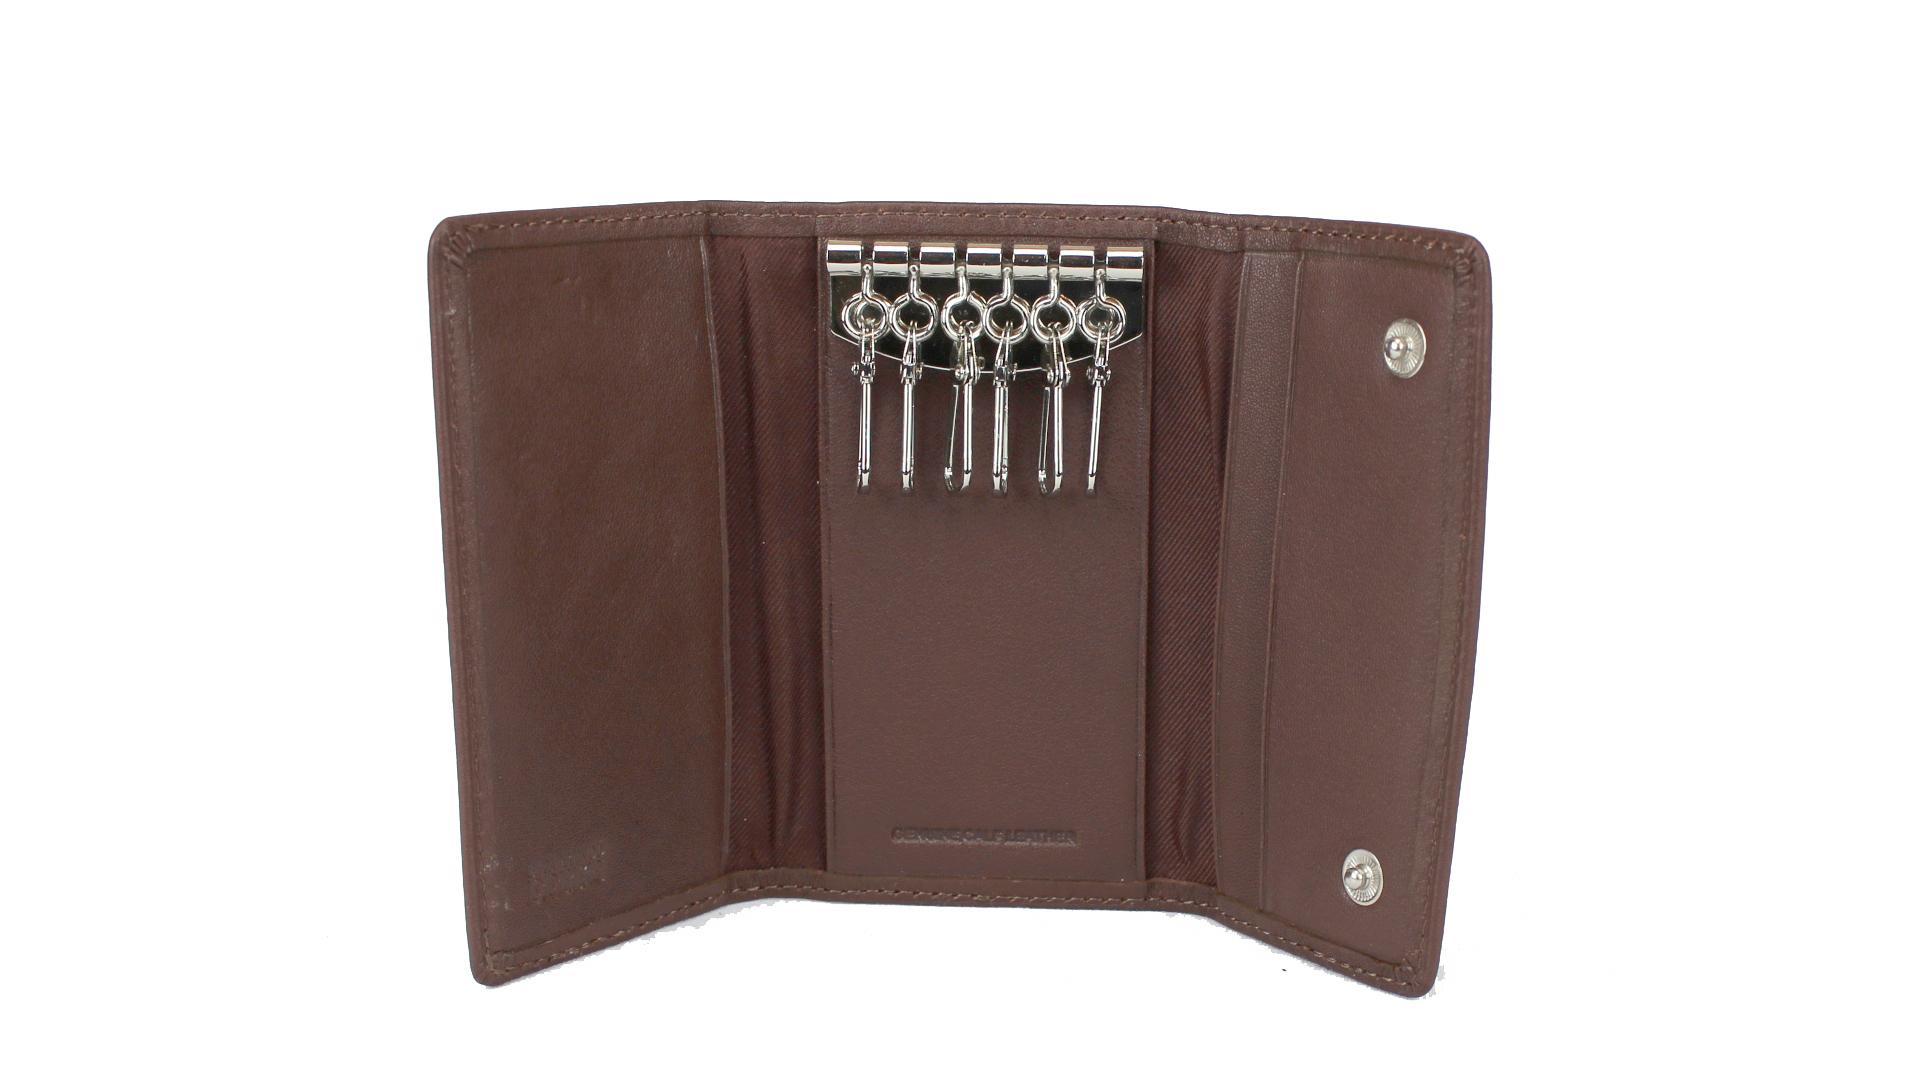 Porte-clés Gianfranco Ferrè  021 024 001 007 Castagna